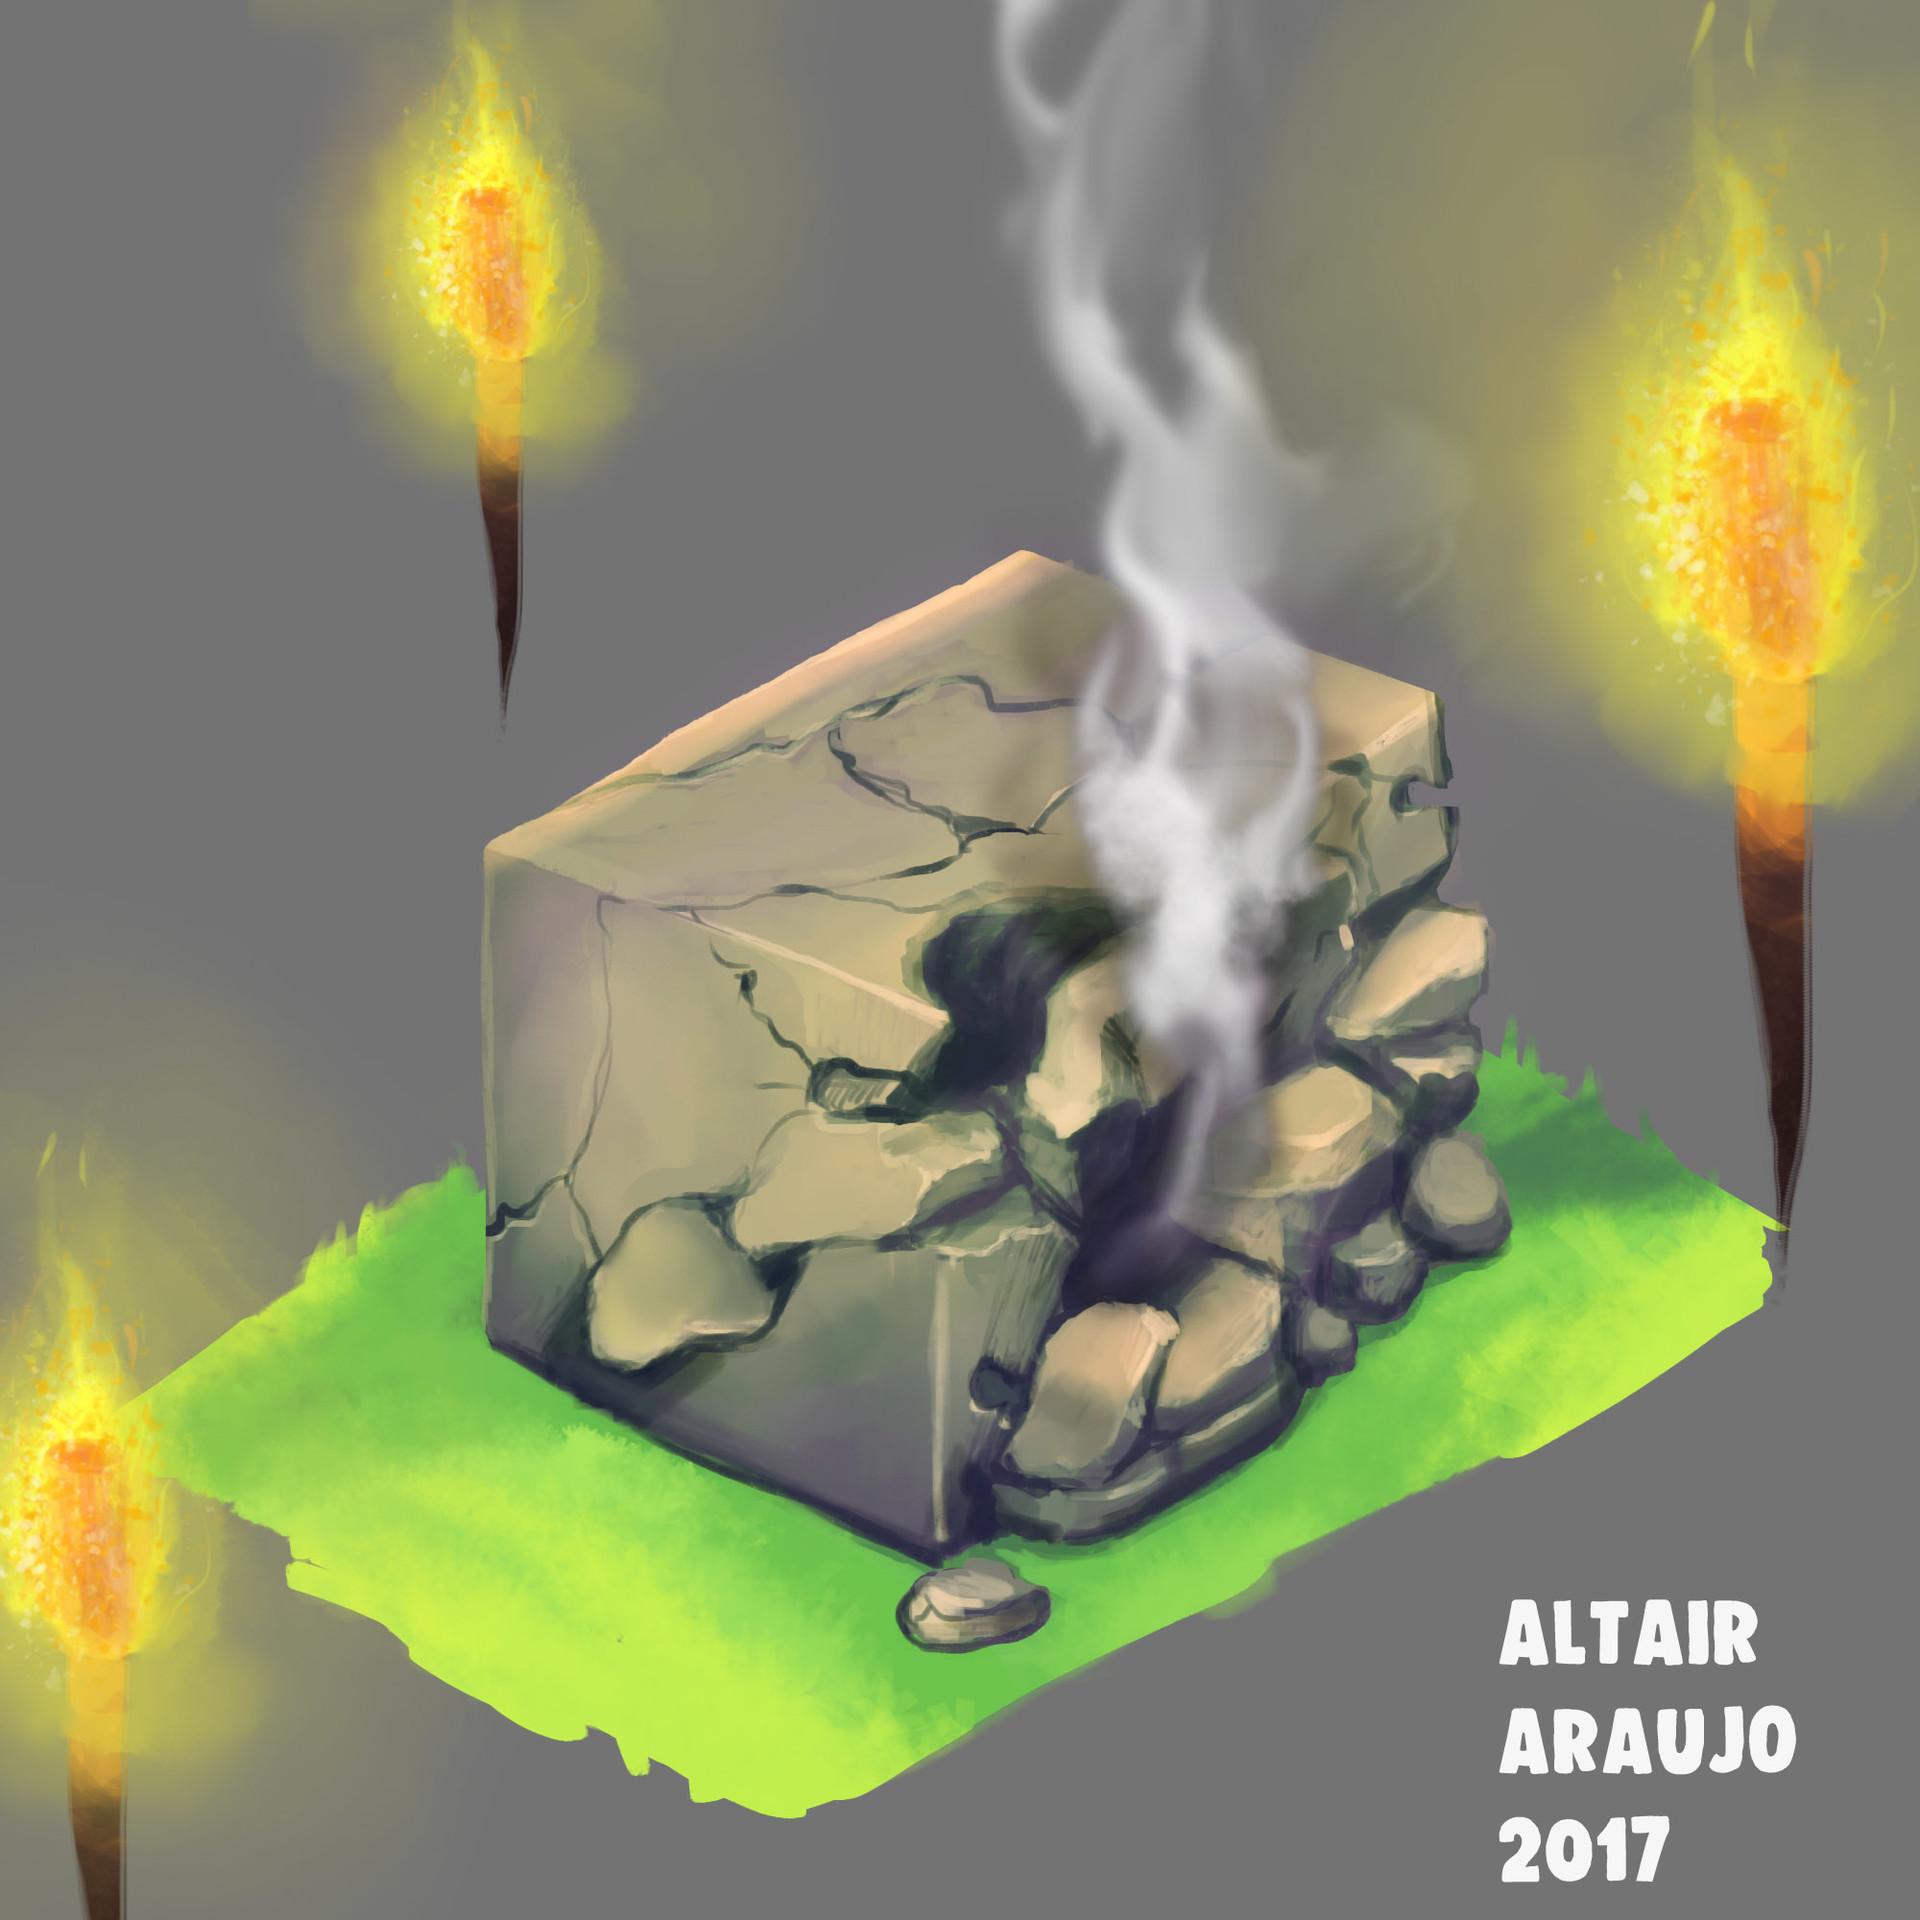 Altair araujo stone